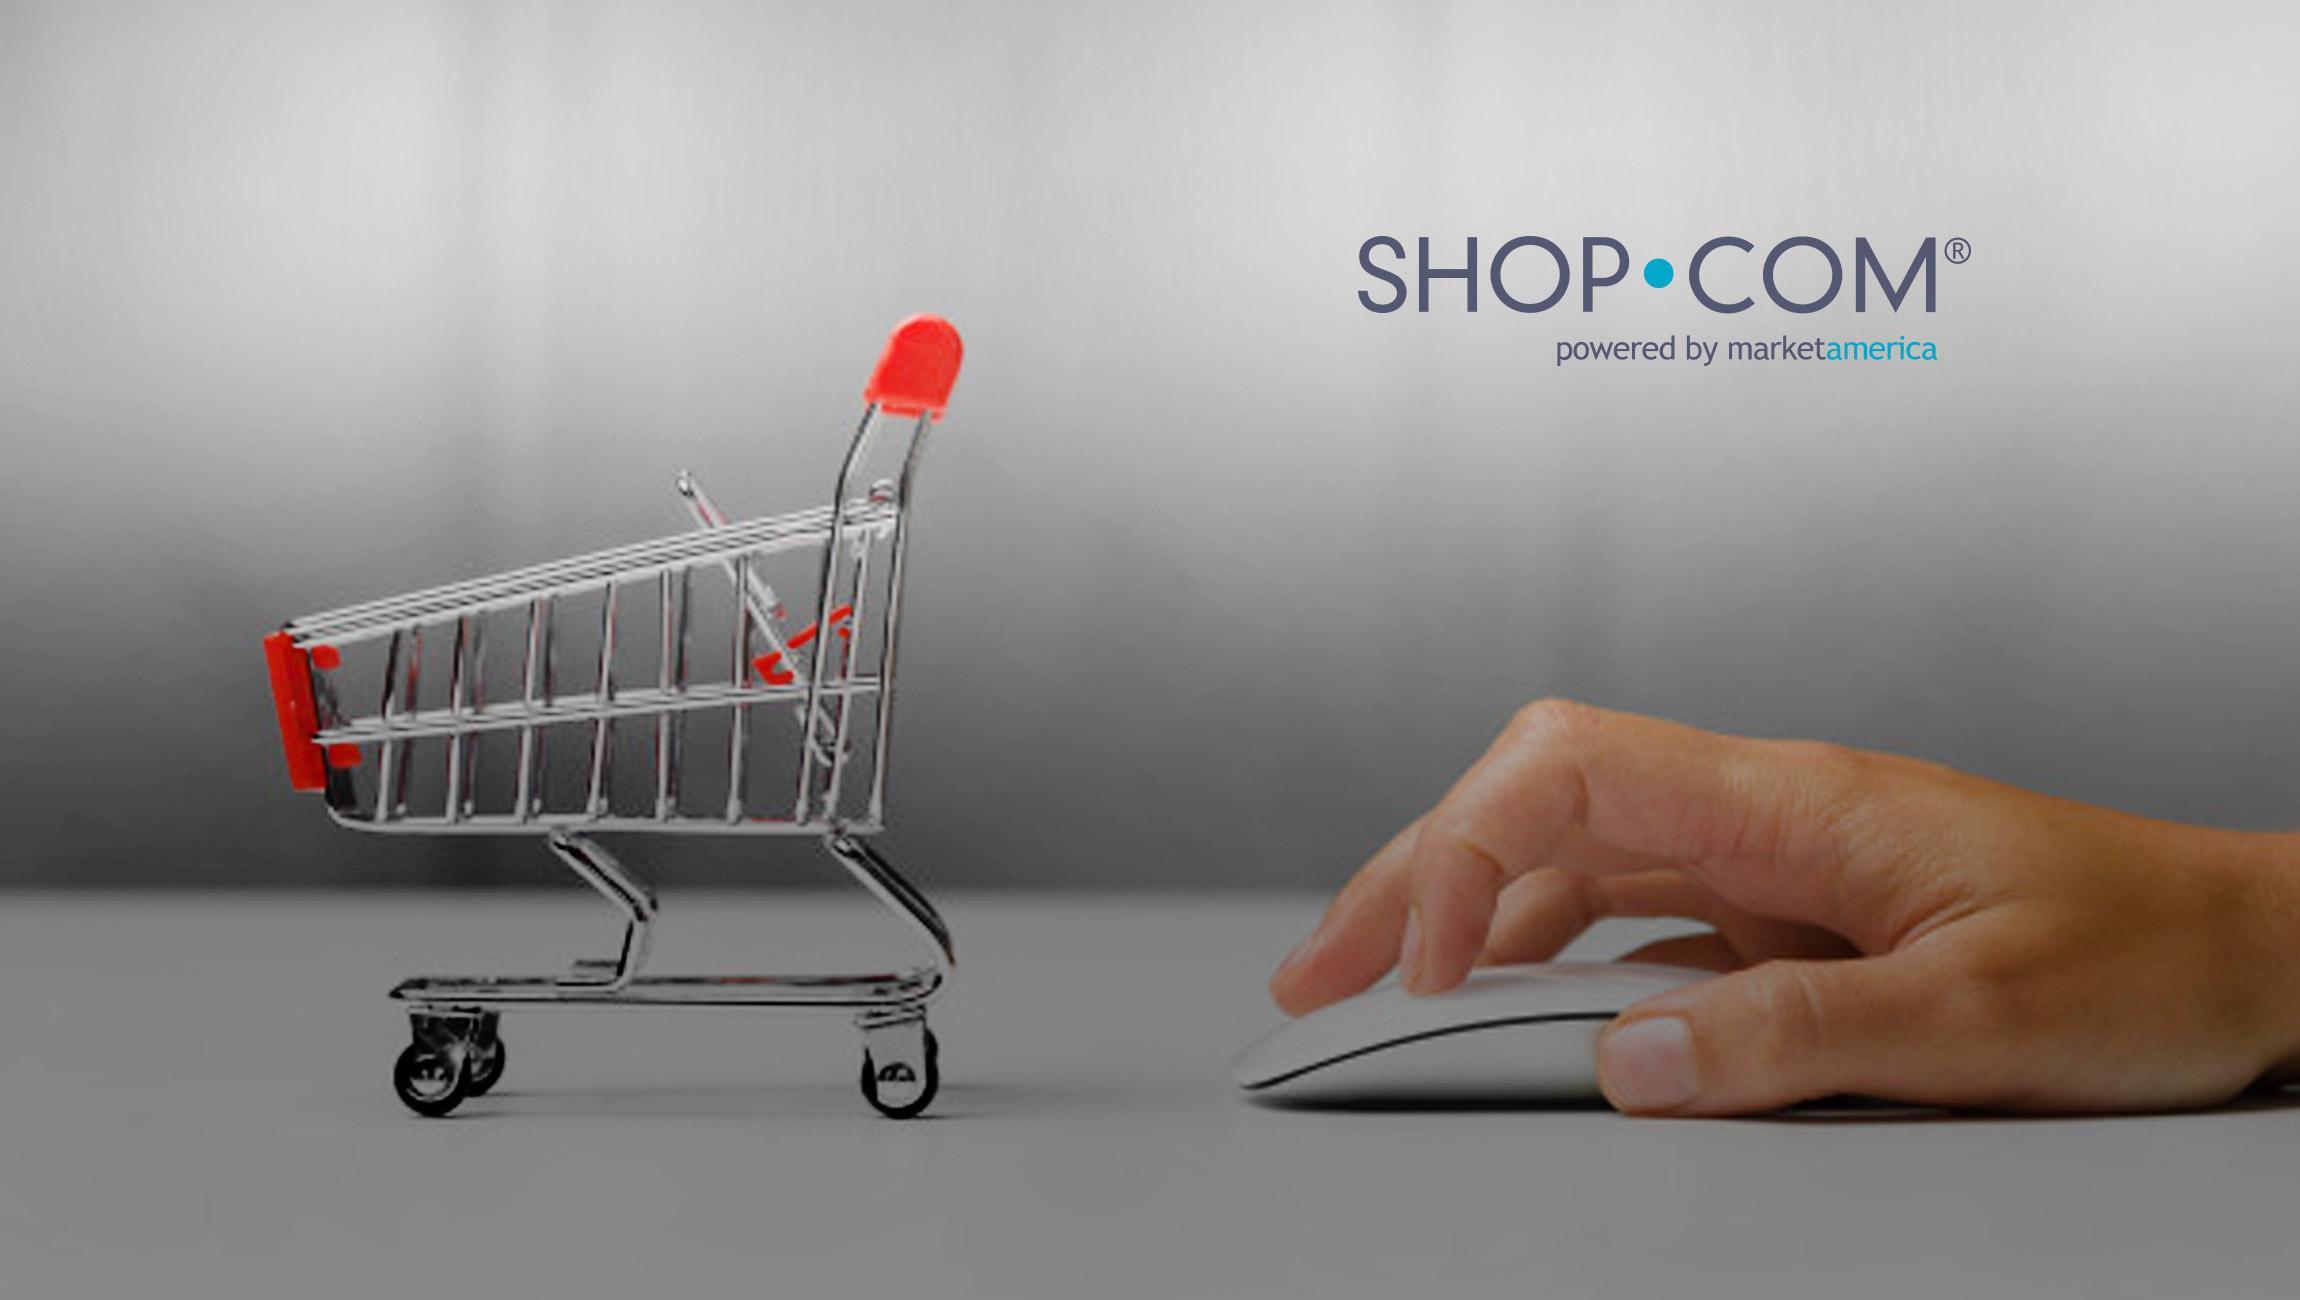 Market America|SHOP.COM - Brand Protection